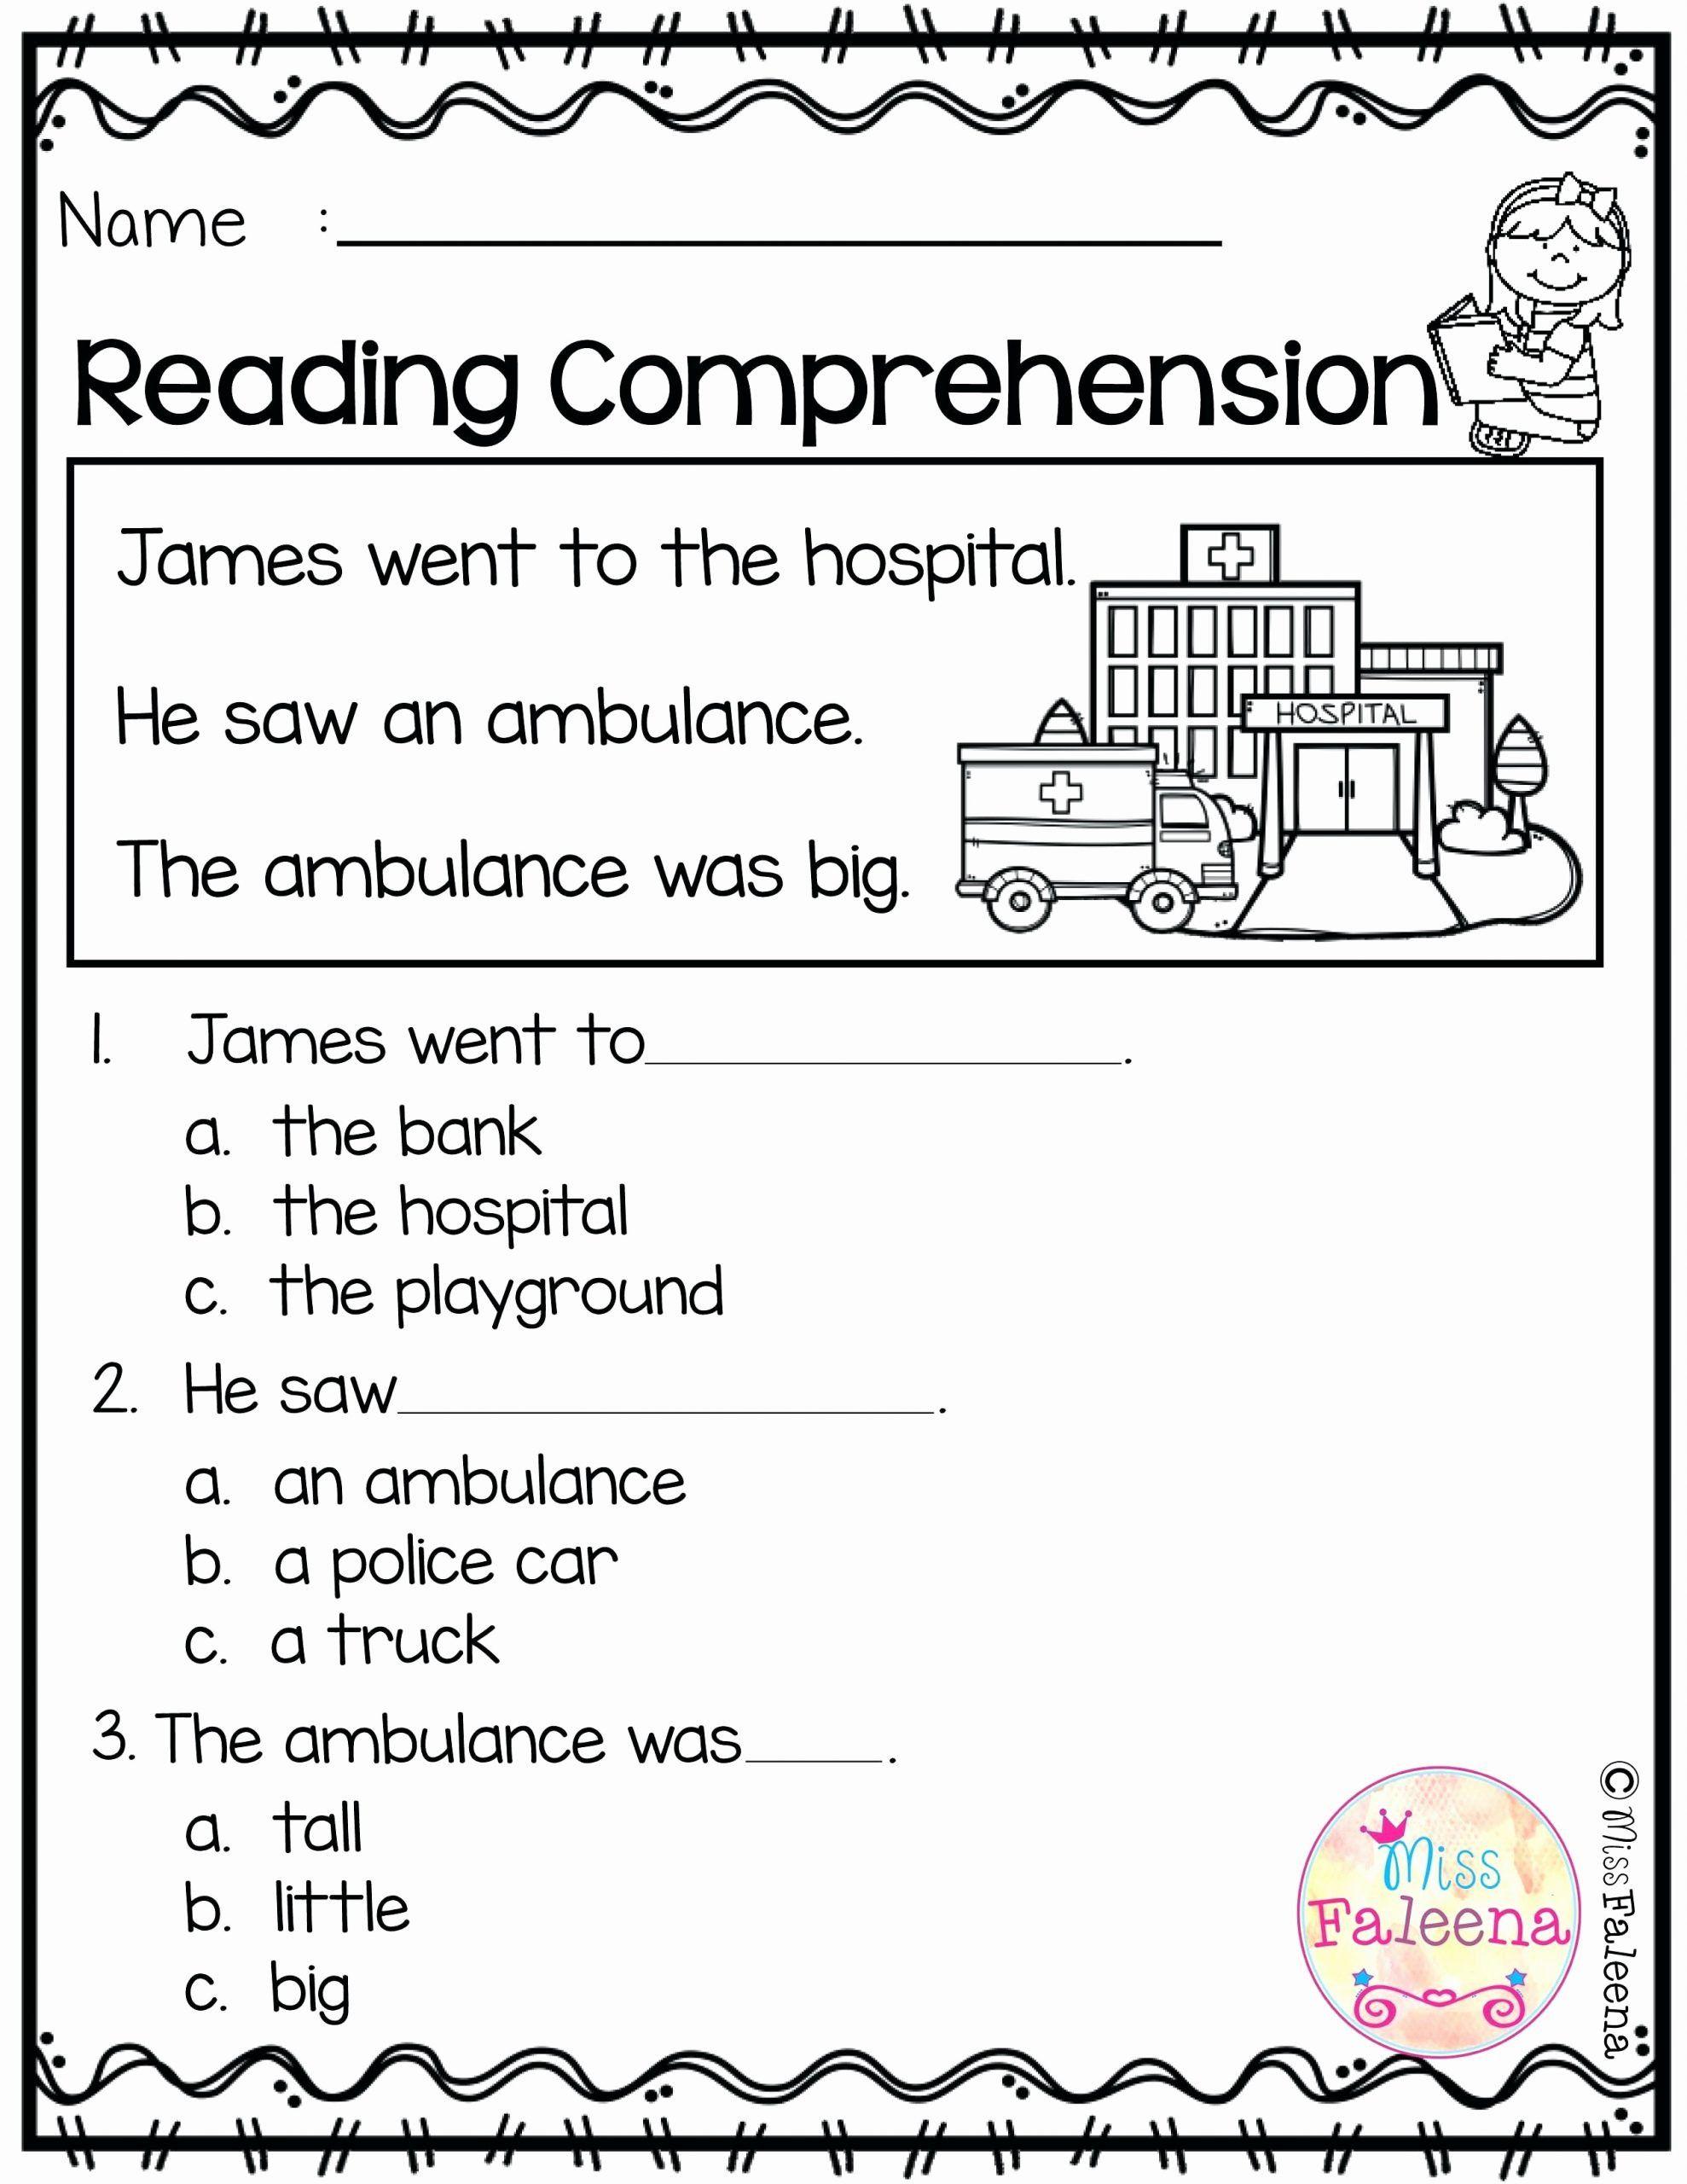 Kinder Reading Comprehension Worksheets In